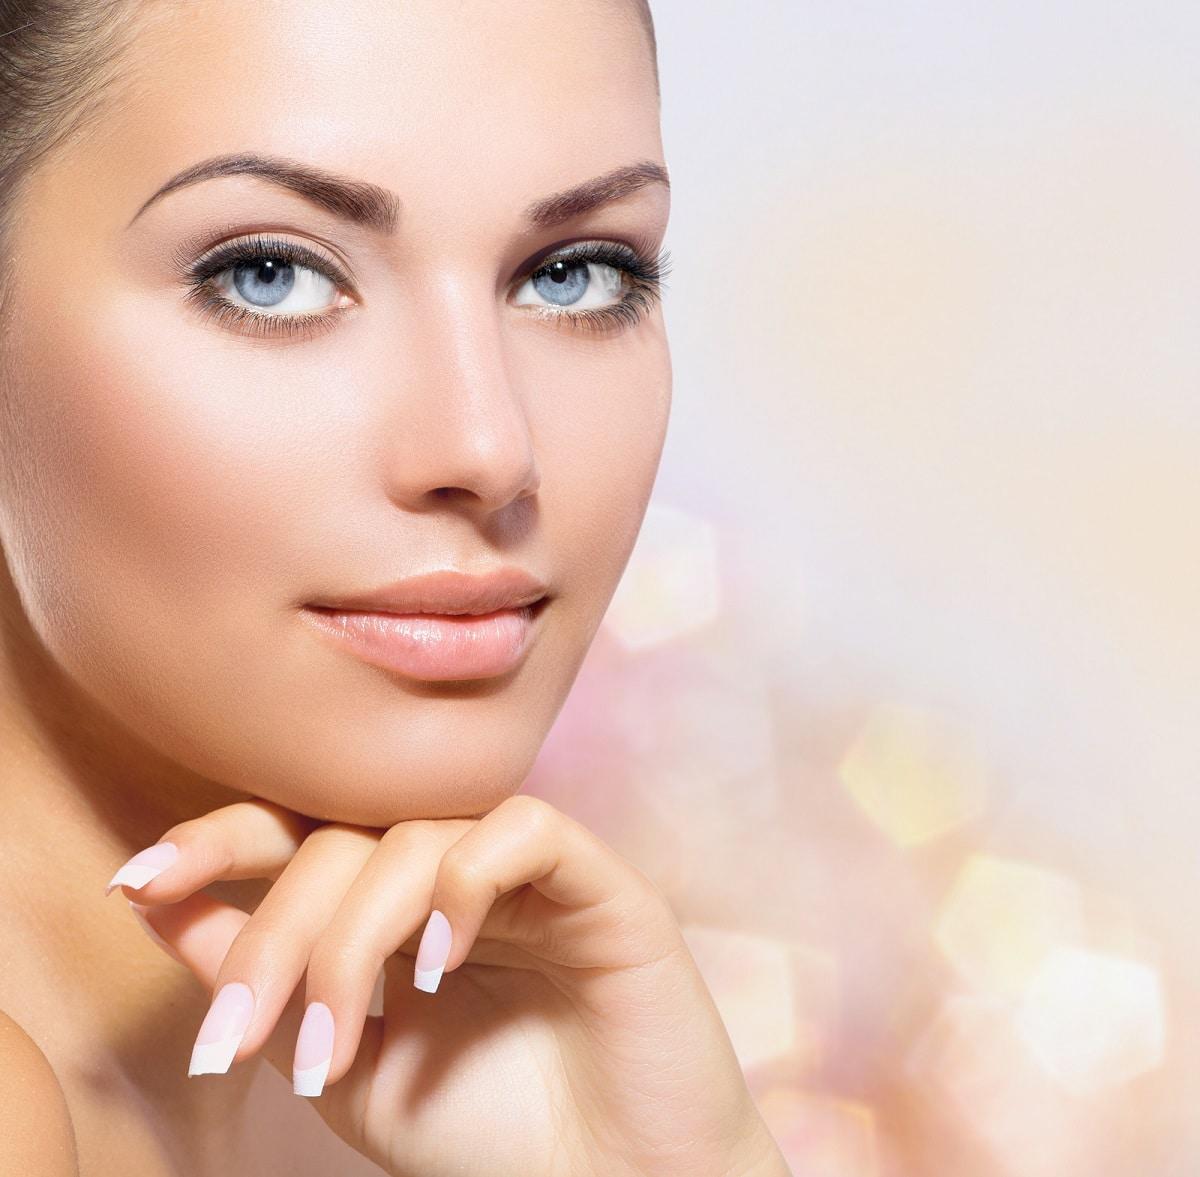 Tendencias del cuidado de la piel